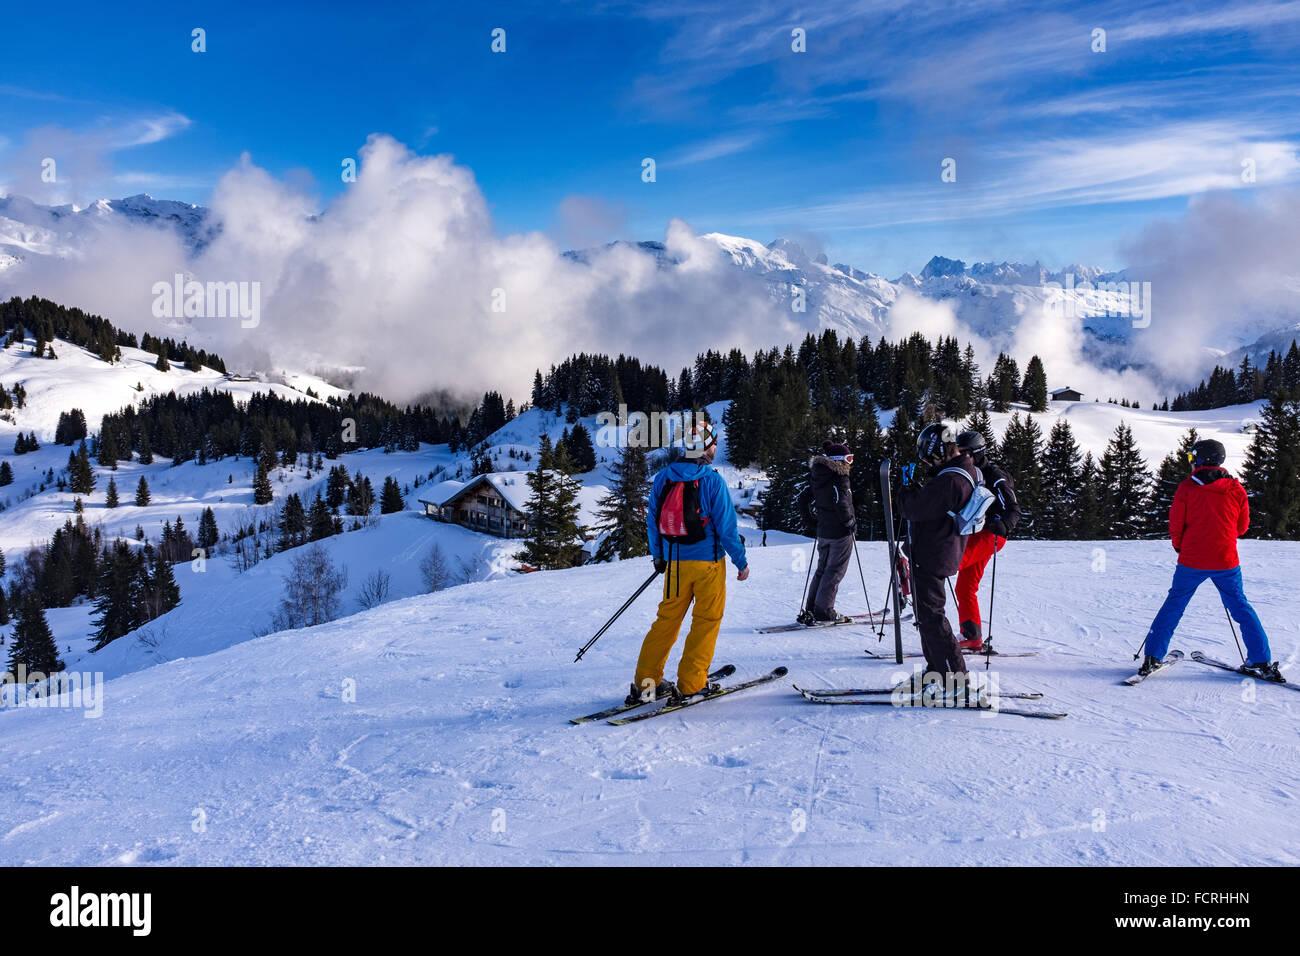 Skigebiet Les Gets und Bahnhof in Portes Du Soleil Domäne in den französischen Alpen Stockbild